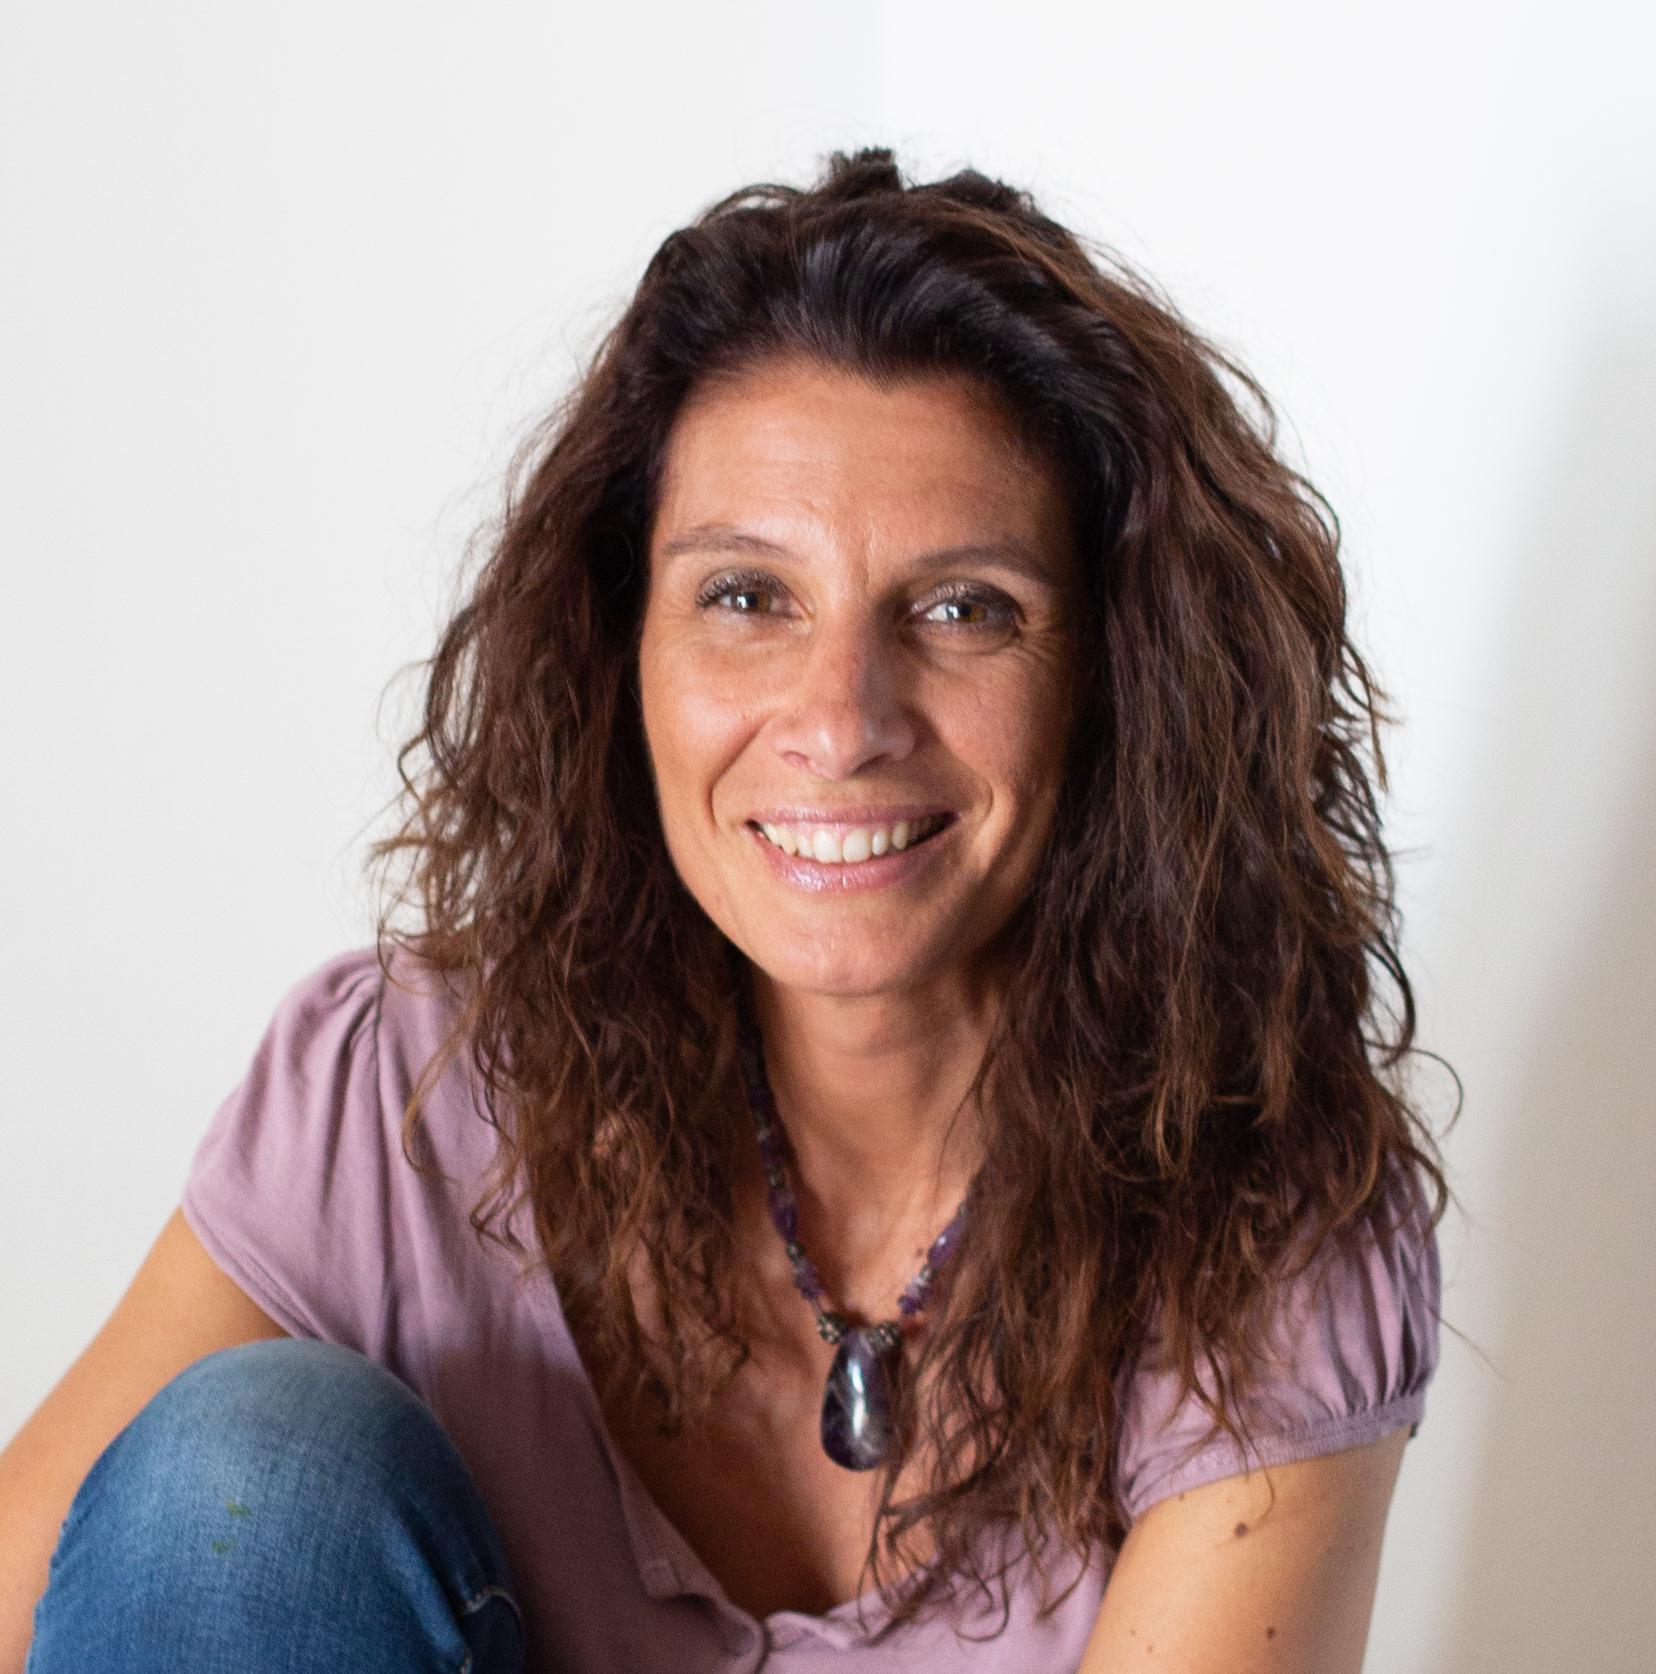 Licia Coppo